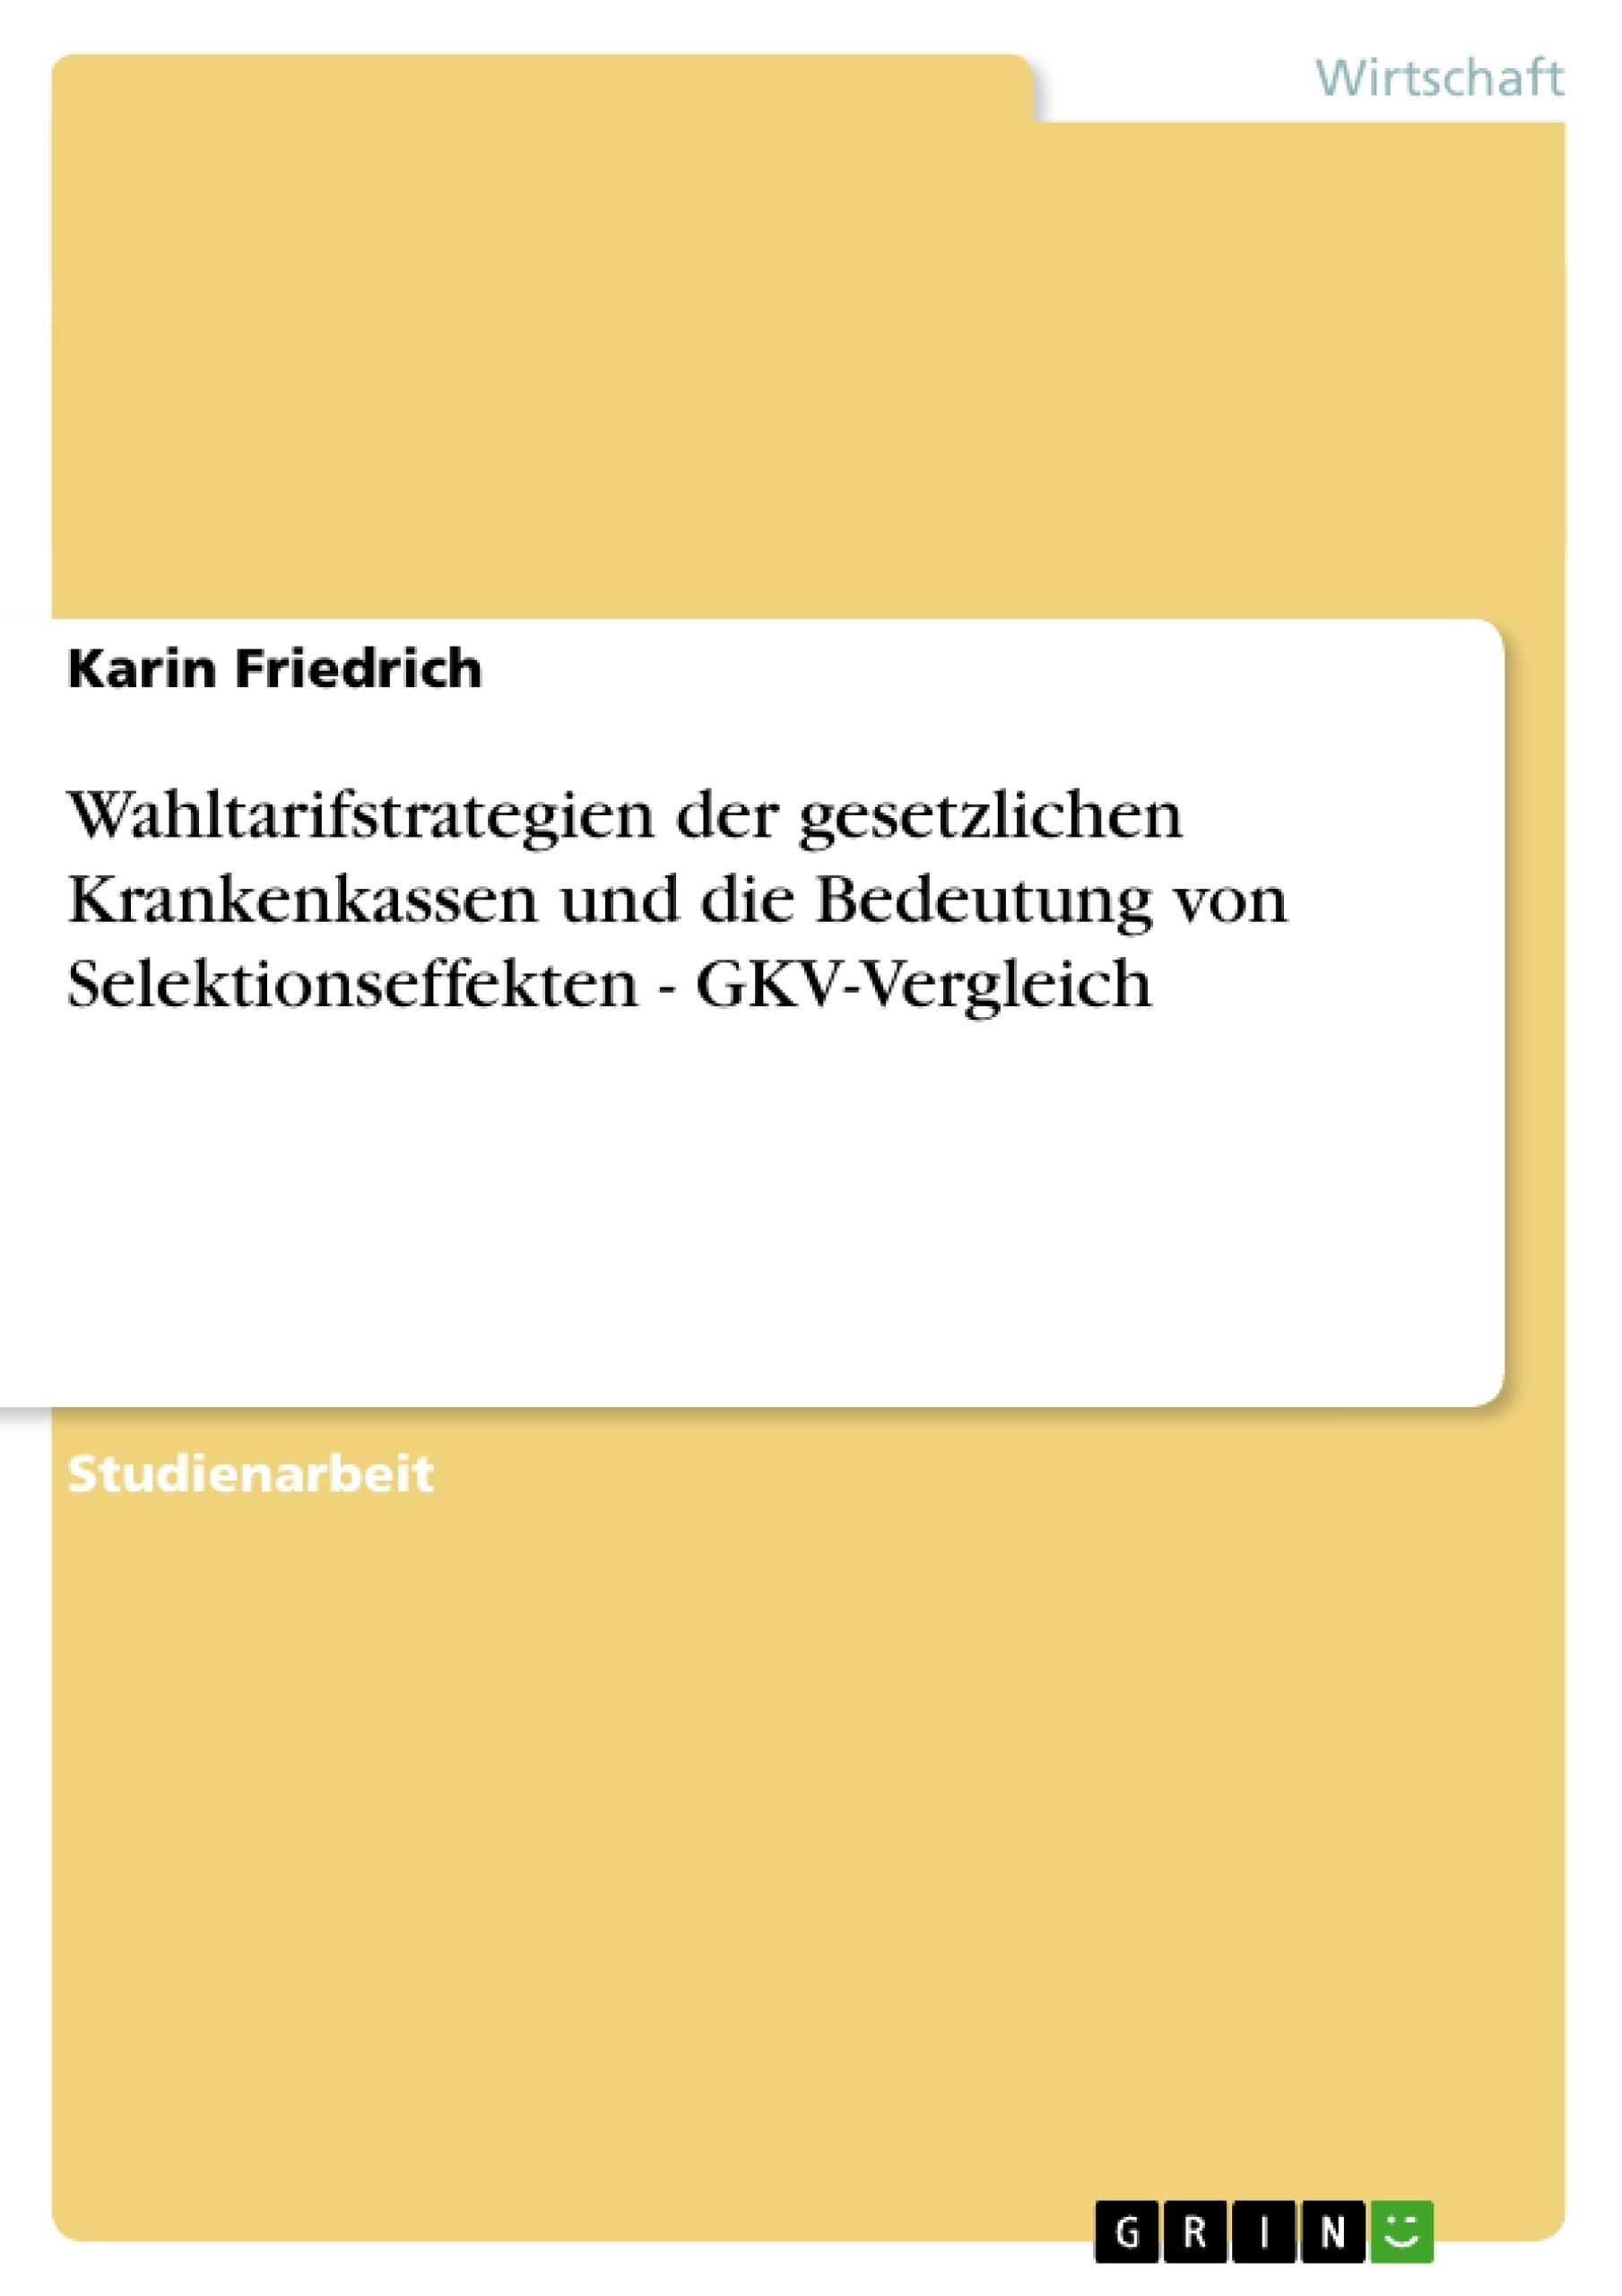 Titel: Wahltarifstrategien der gesetzlichen Krankenkassen und die Bedeutung von Selektionseffekten - GKV-Vergleich